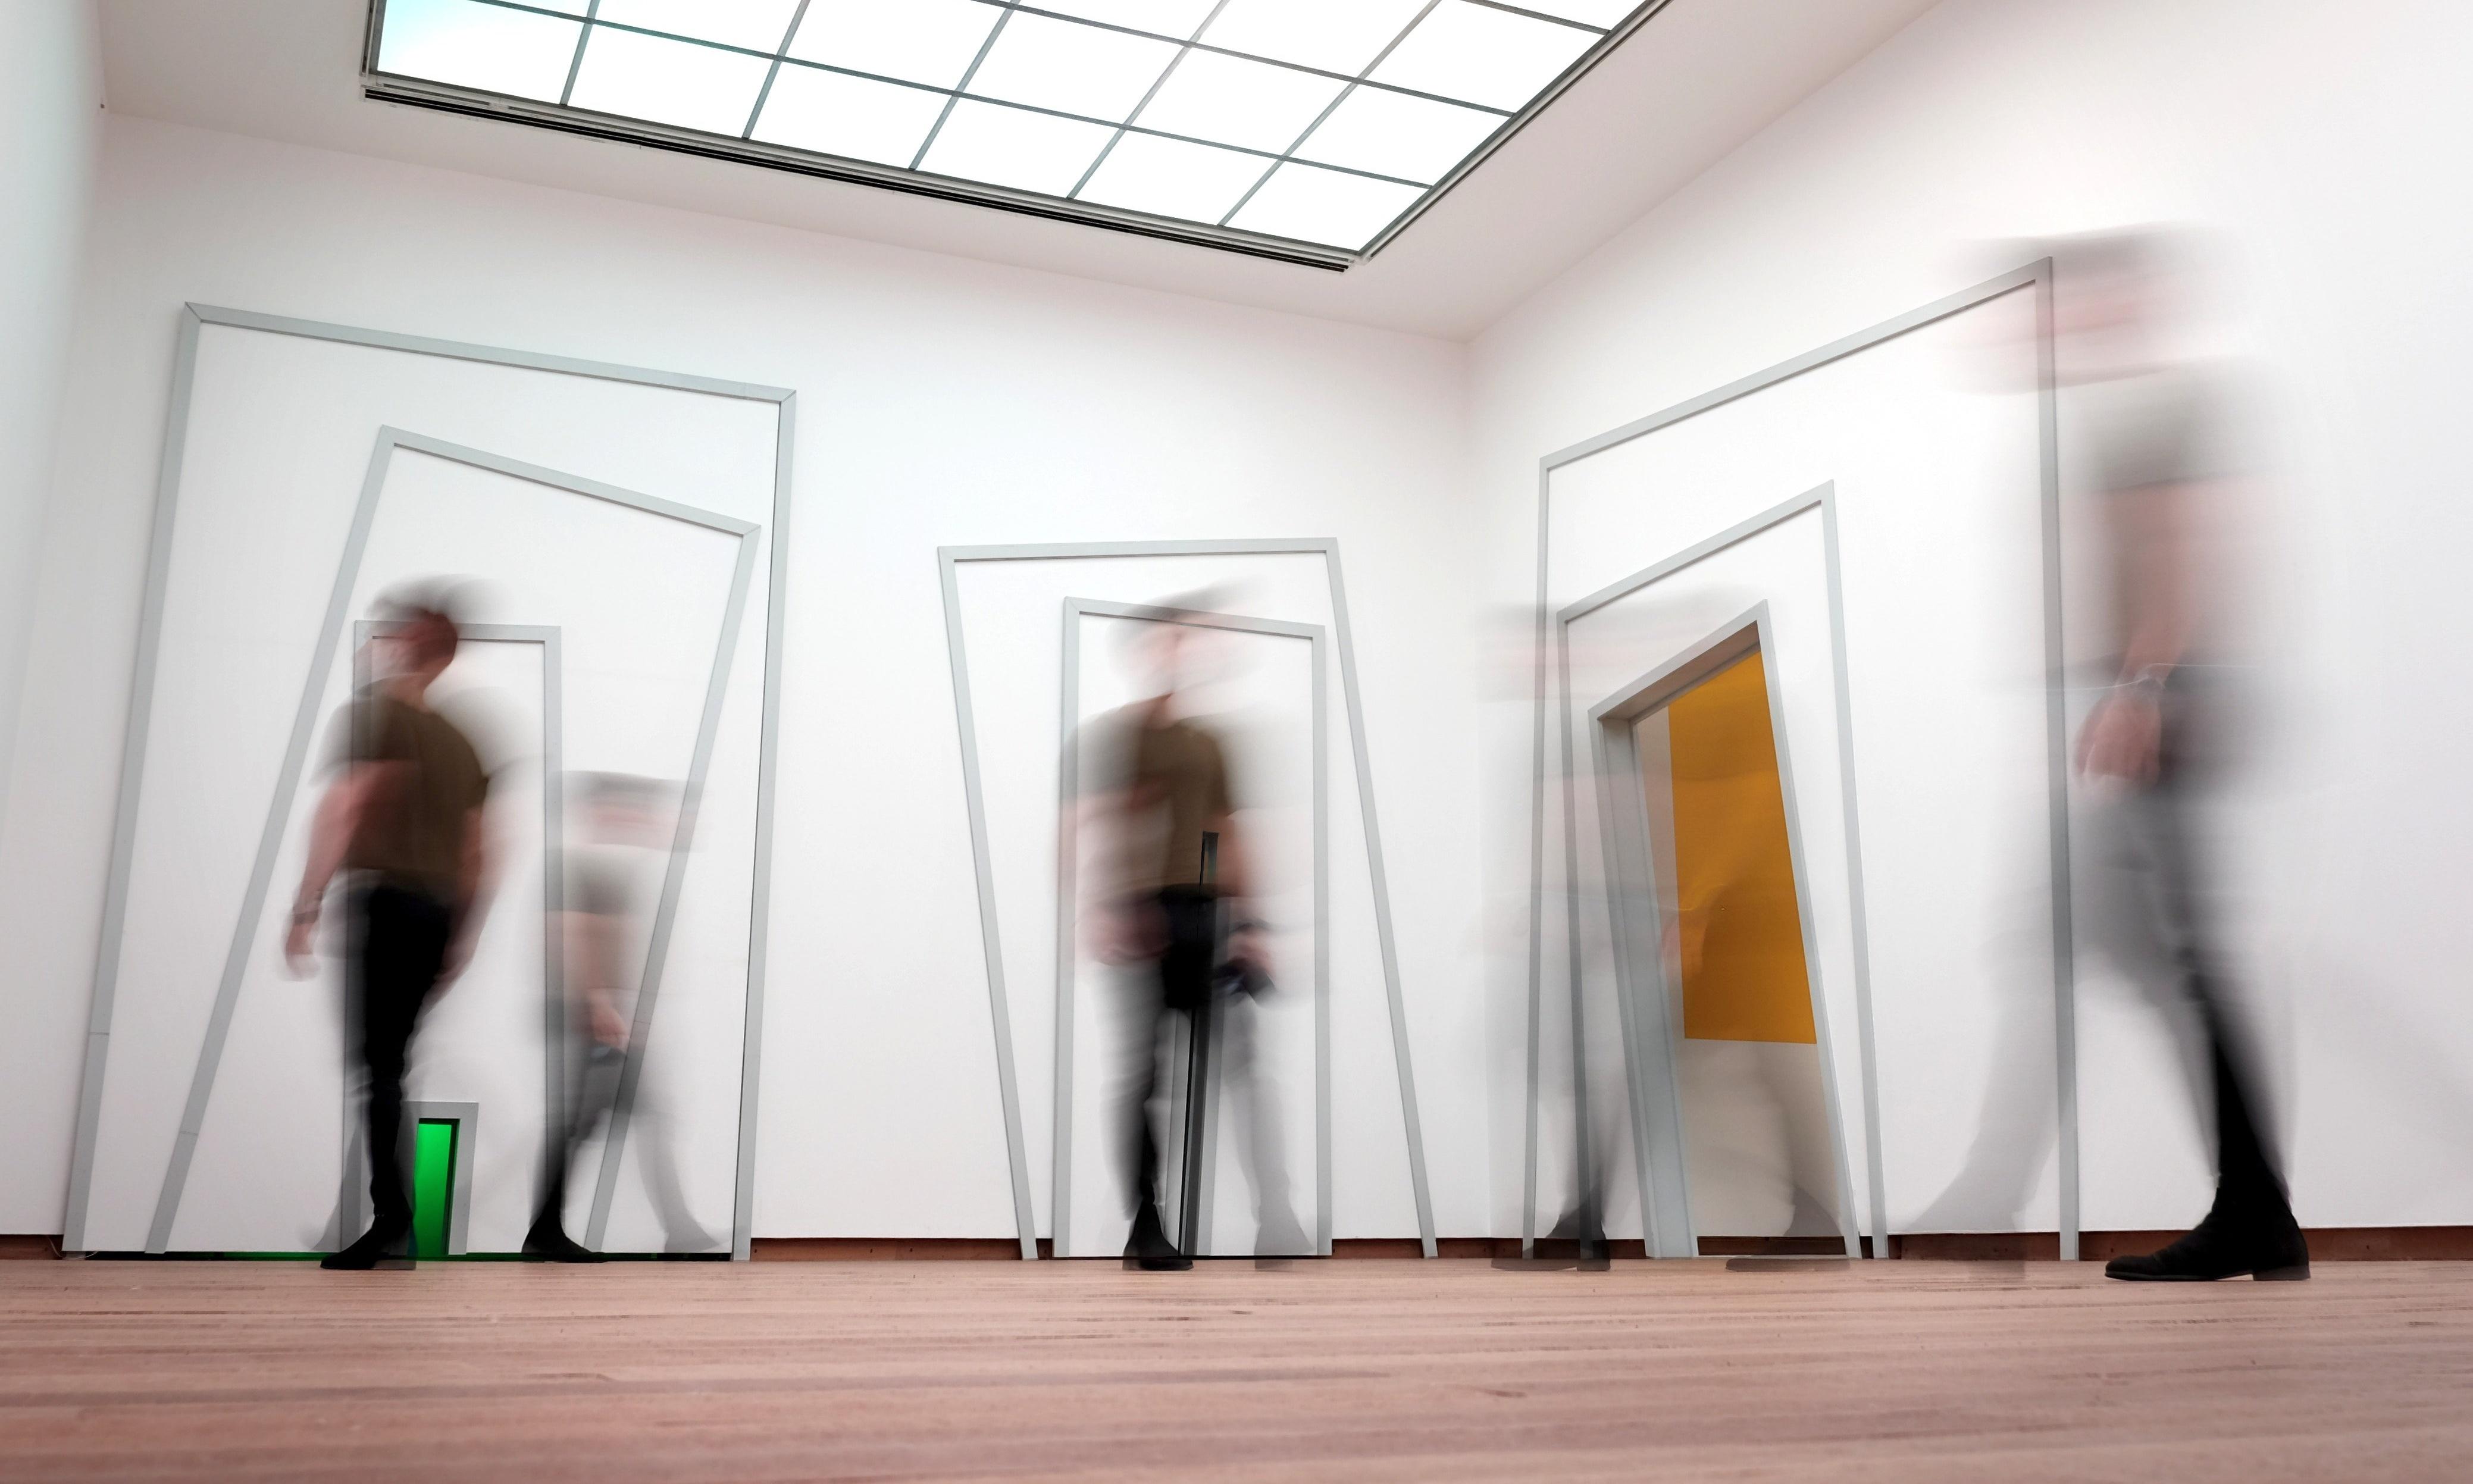 Multiple people in doorways 5 3.jpg